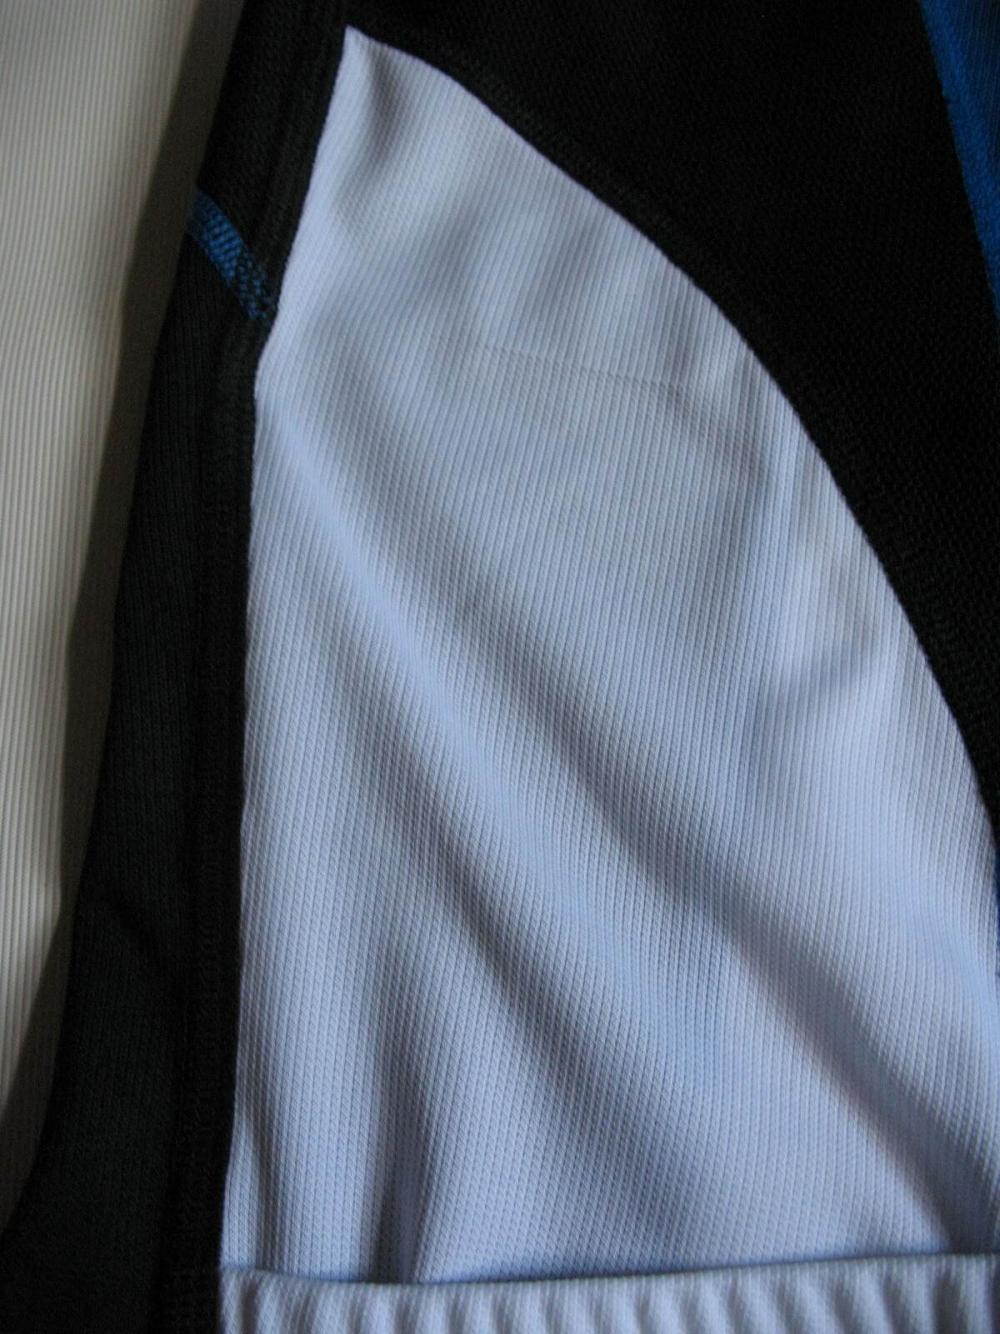 Веломайка GORE bike jersey (размер S) - 9